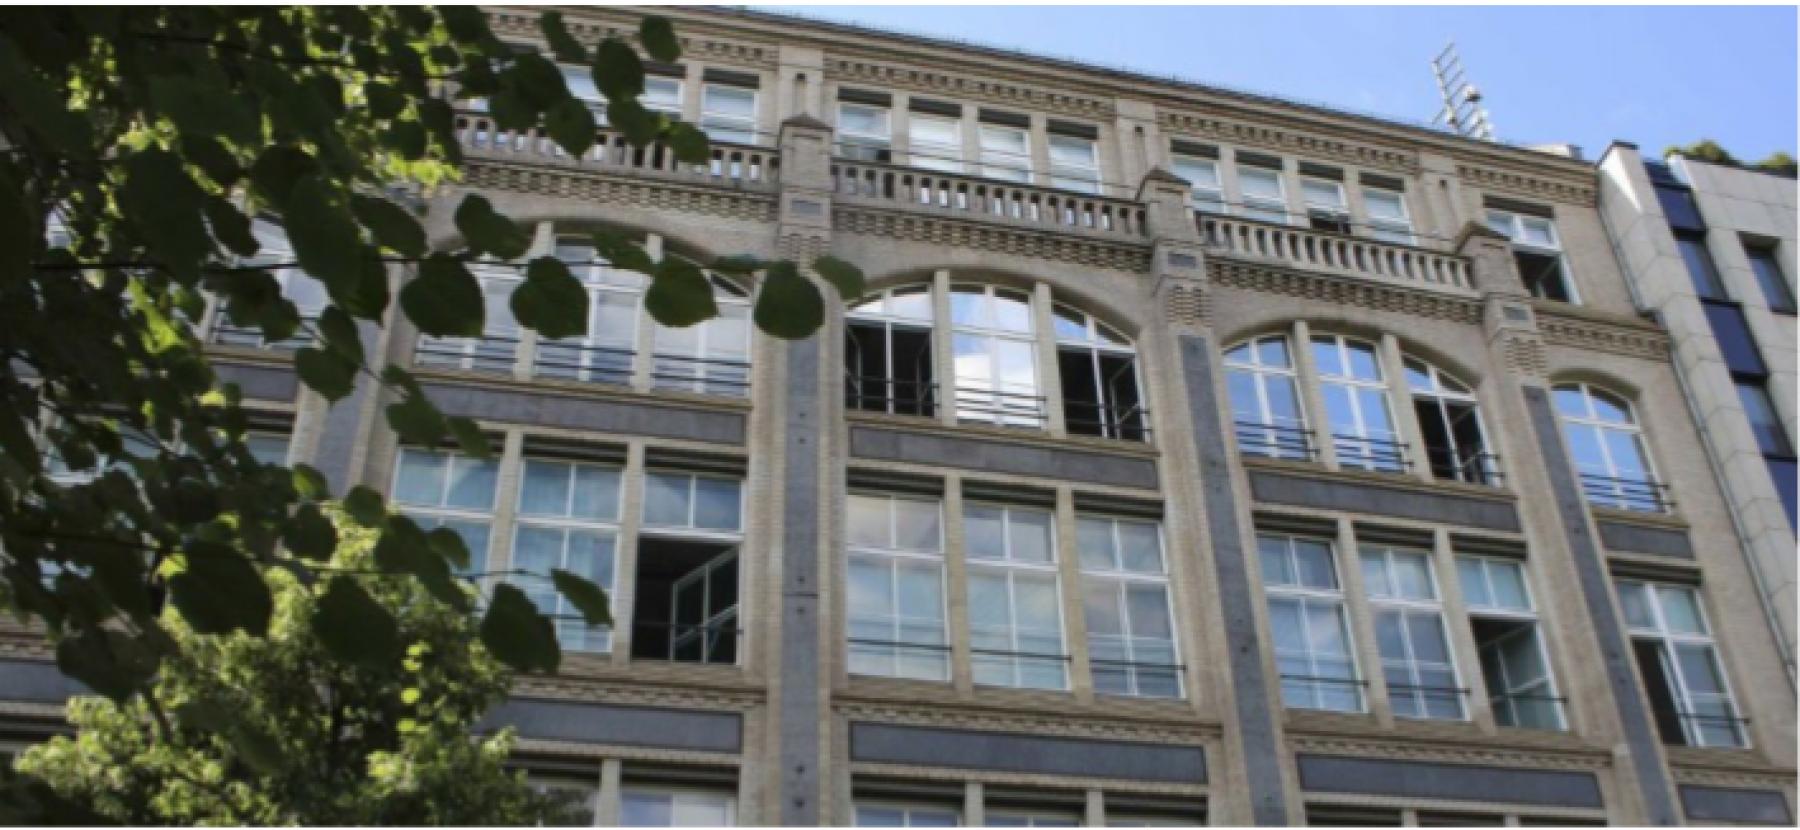 Fassade des Büros zur Miete im Herzen von Berlin